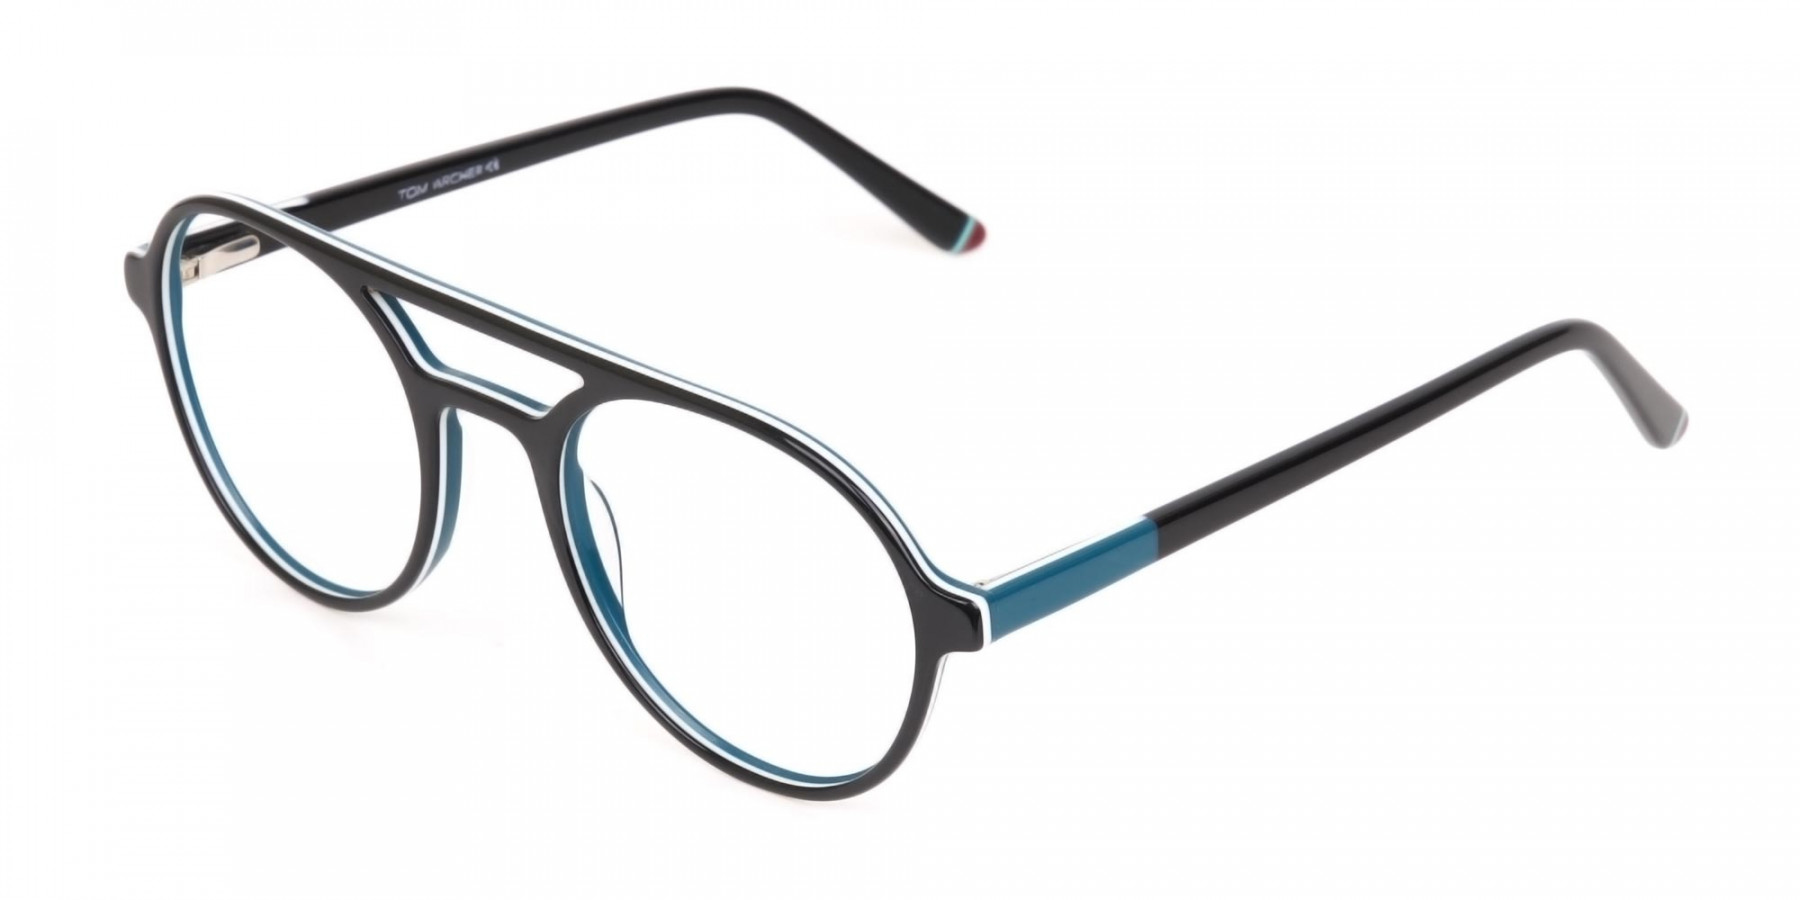 Black & Turquoise Double Bridge Glasses in Round-1